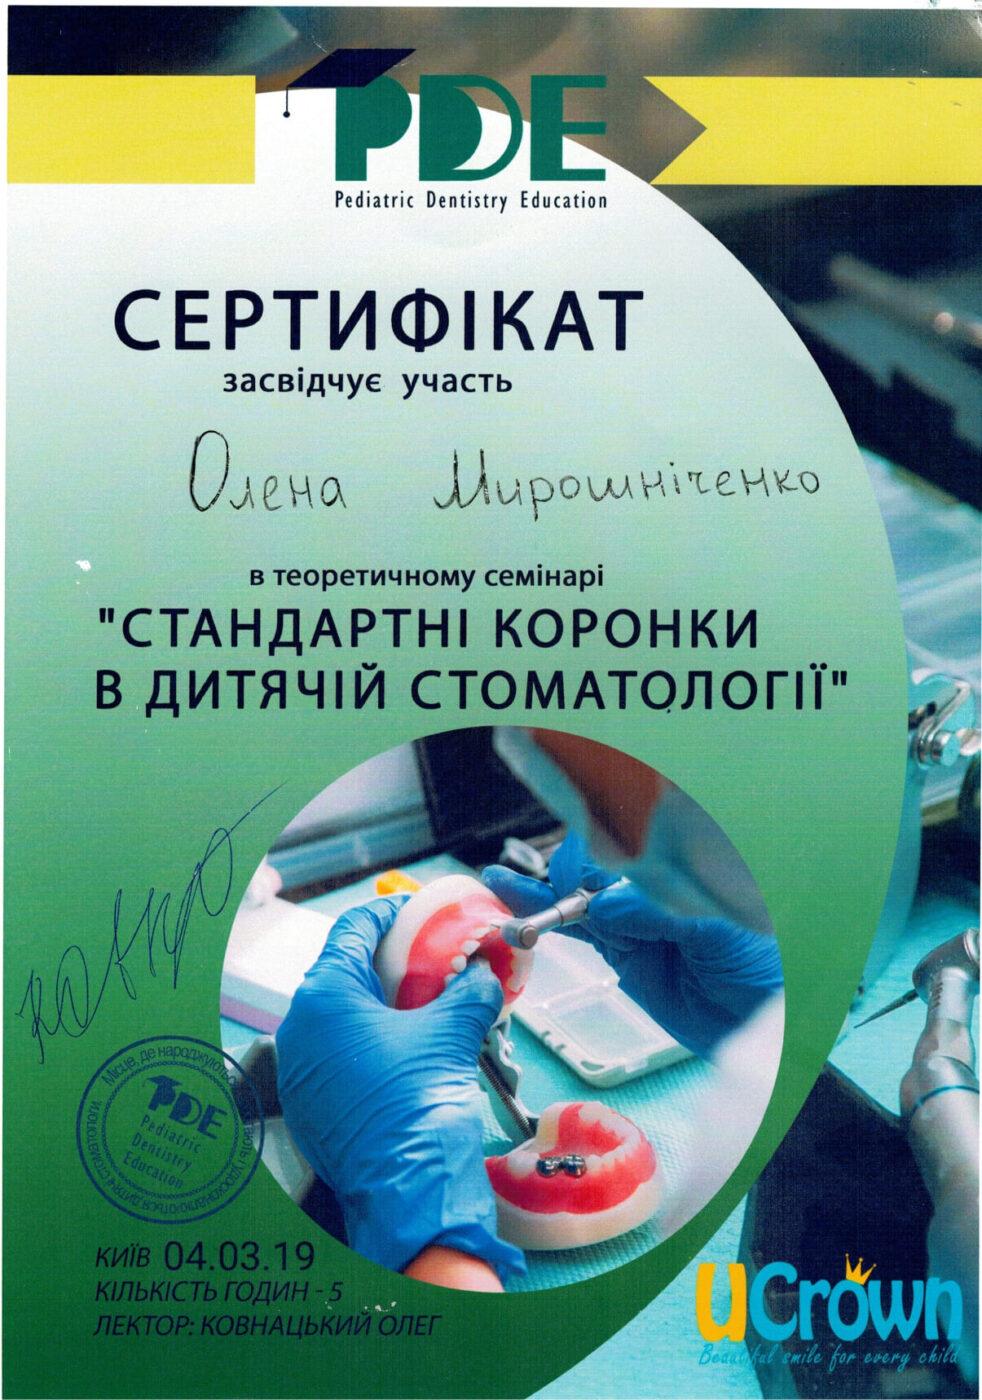 Сертифікат дитячого лікаря стоматолога Мірошниченко Олени Вікторівни об участі у семінарі (СТАНДАРТНІ КОРОНКИ В ДИТЯЧІЙ СТОМАТОЛОГІЇ)